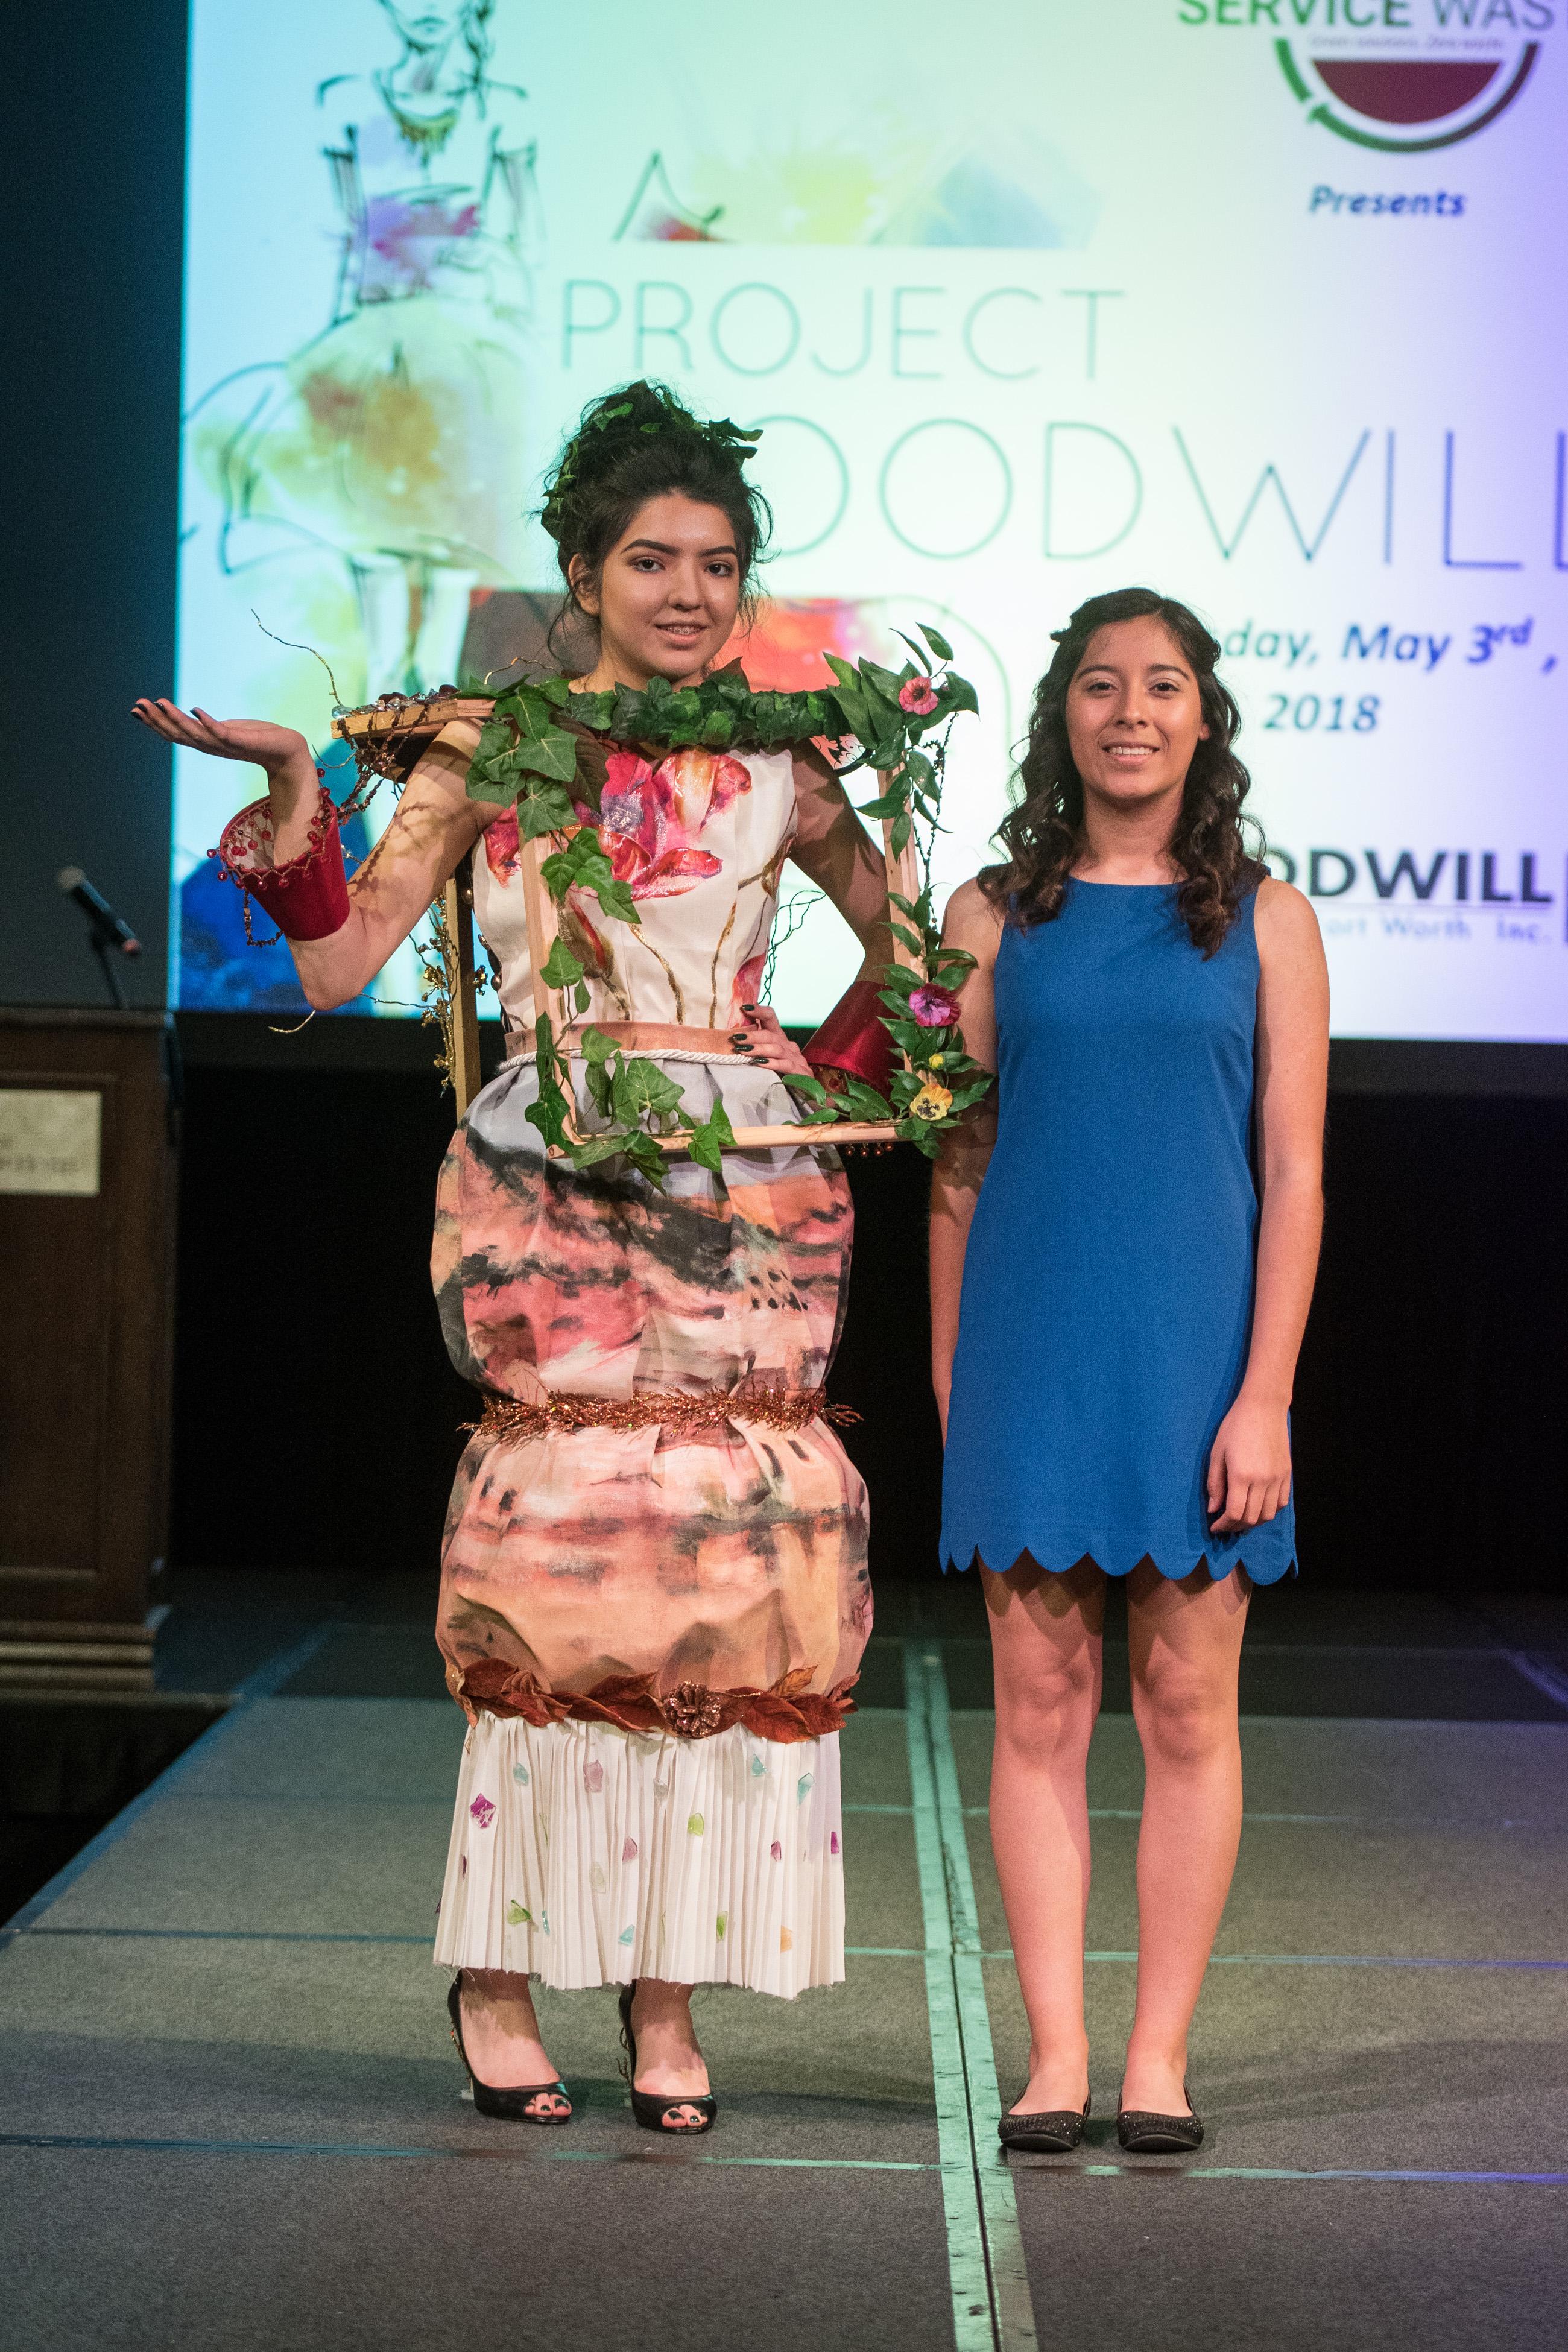 Contestant Susana Sanchez and model Giselle Perez